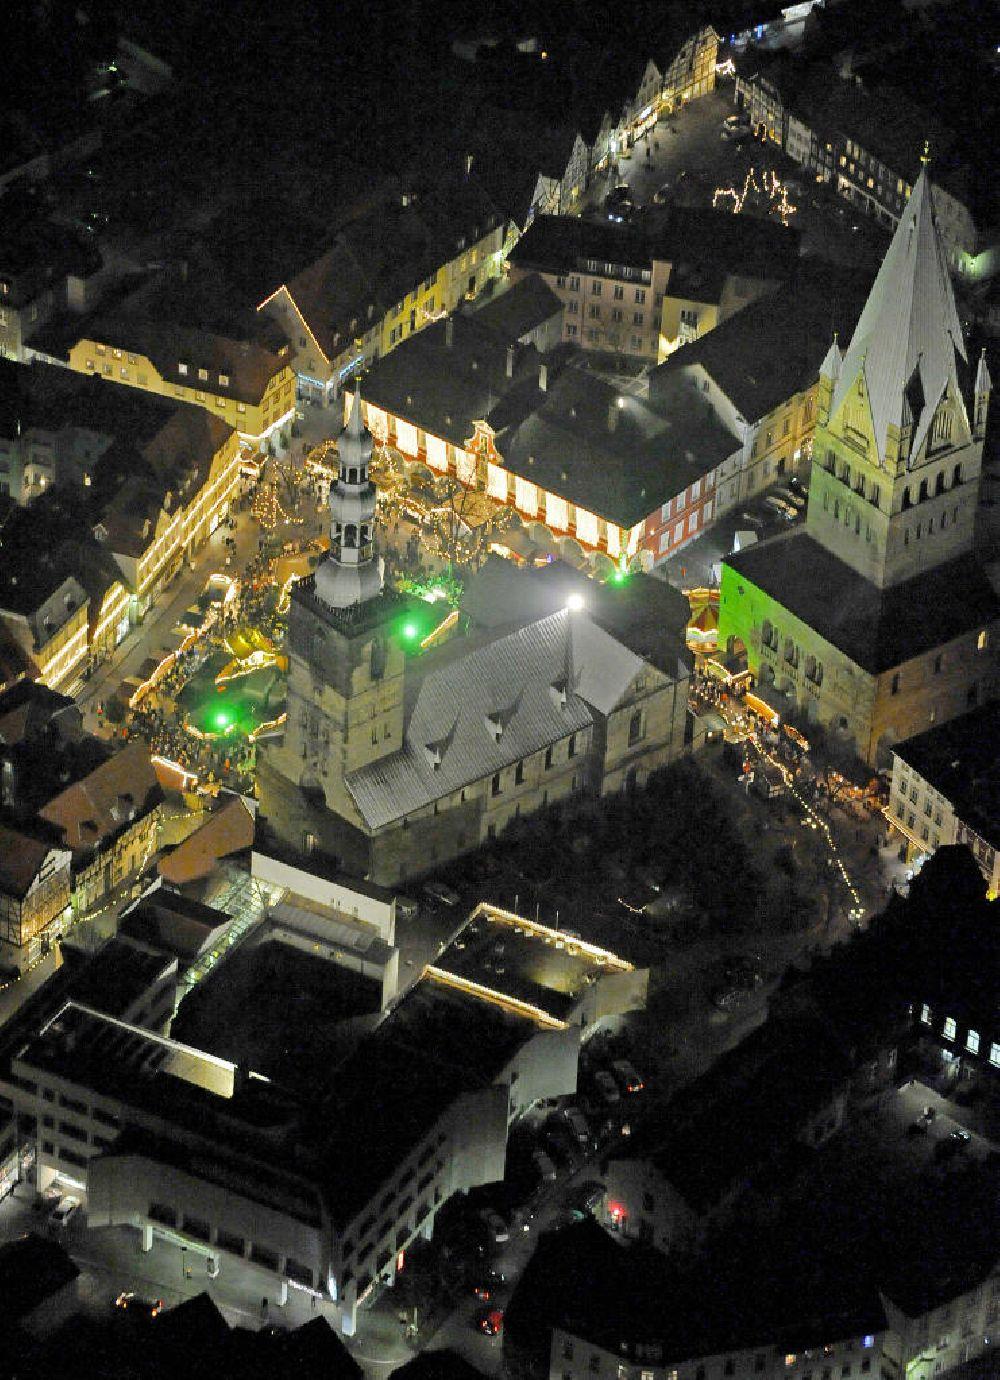 Soest Weihnachtsmarkt.Luftbild Soest Weihnachtsmarkt Soest